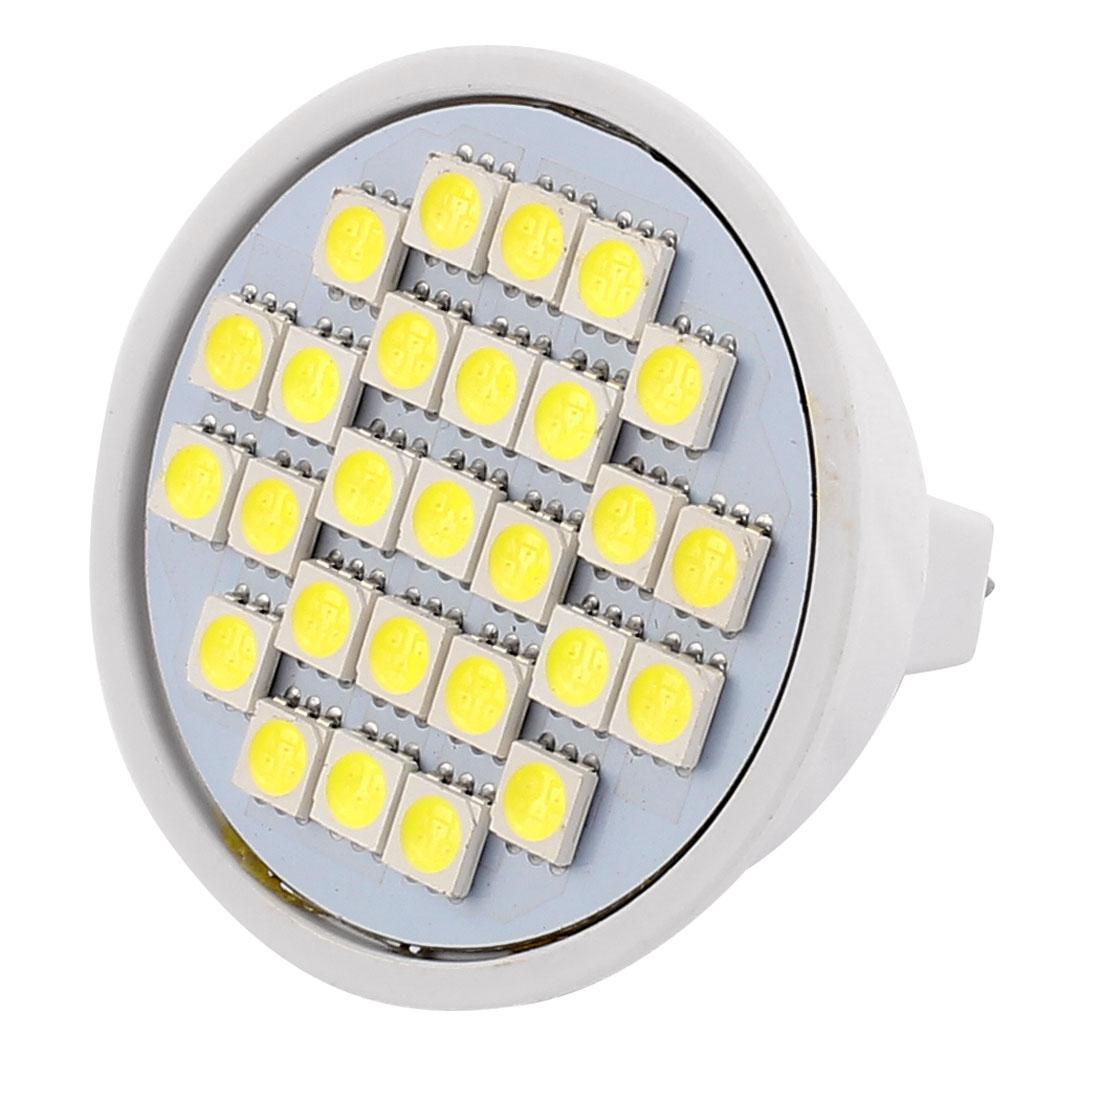 220V 5W MR16 5050 SMD 27 LEDs LED Bulb Light Spotlight Lamp Lighting White